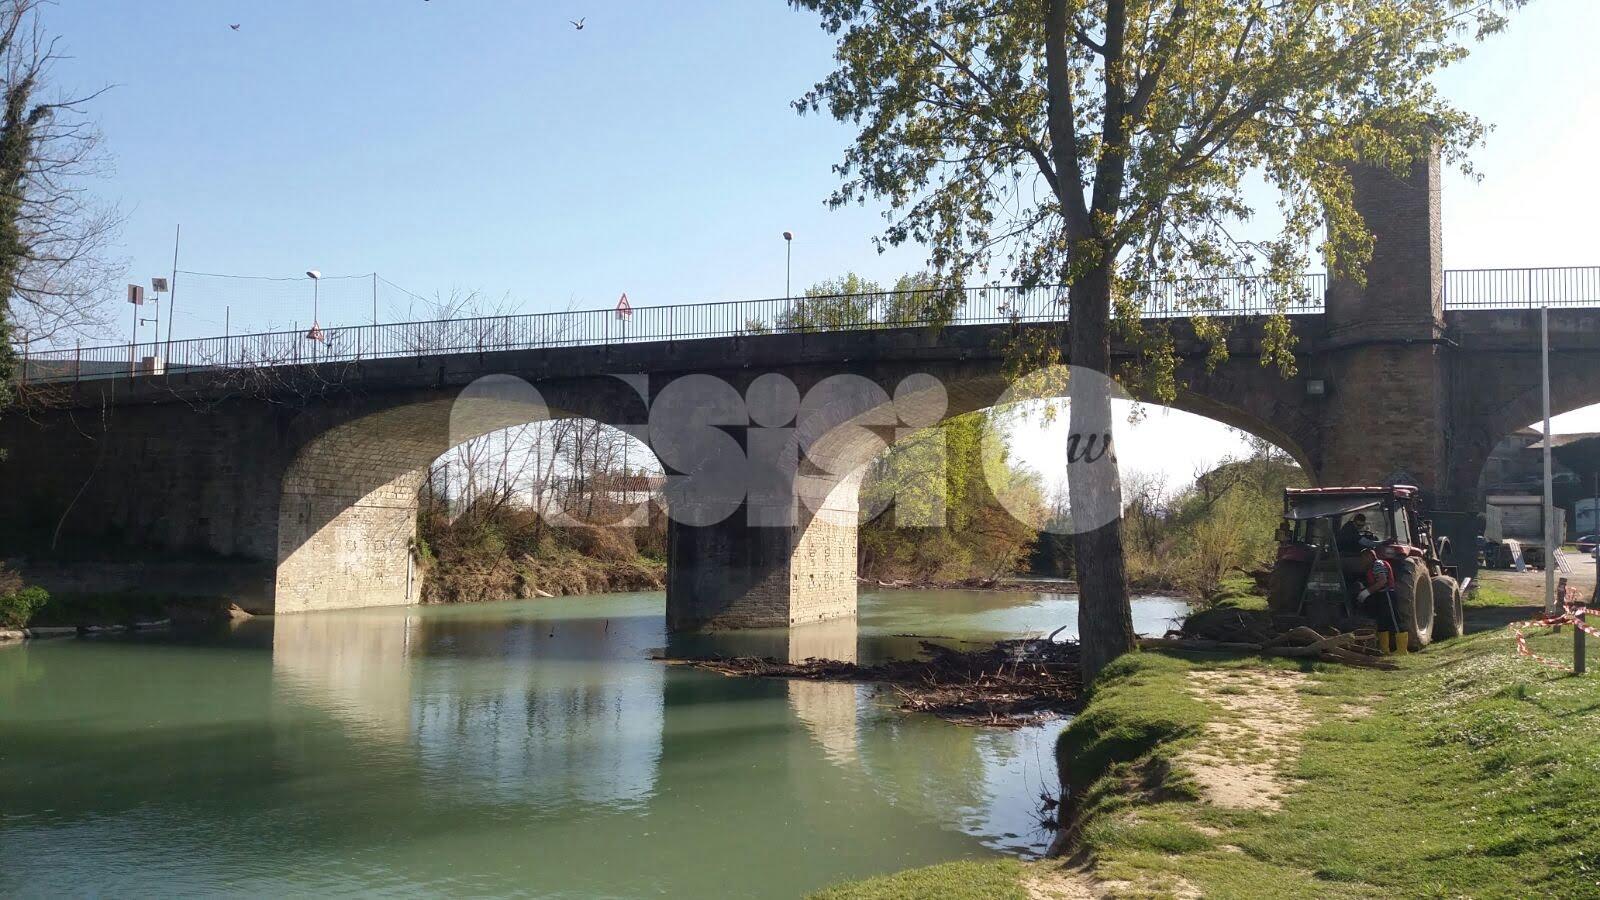 Fiume Chiascio a Petrignano: la Provincia ripristina il regolare deflusso delle acque sotto il ponte